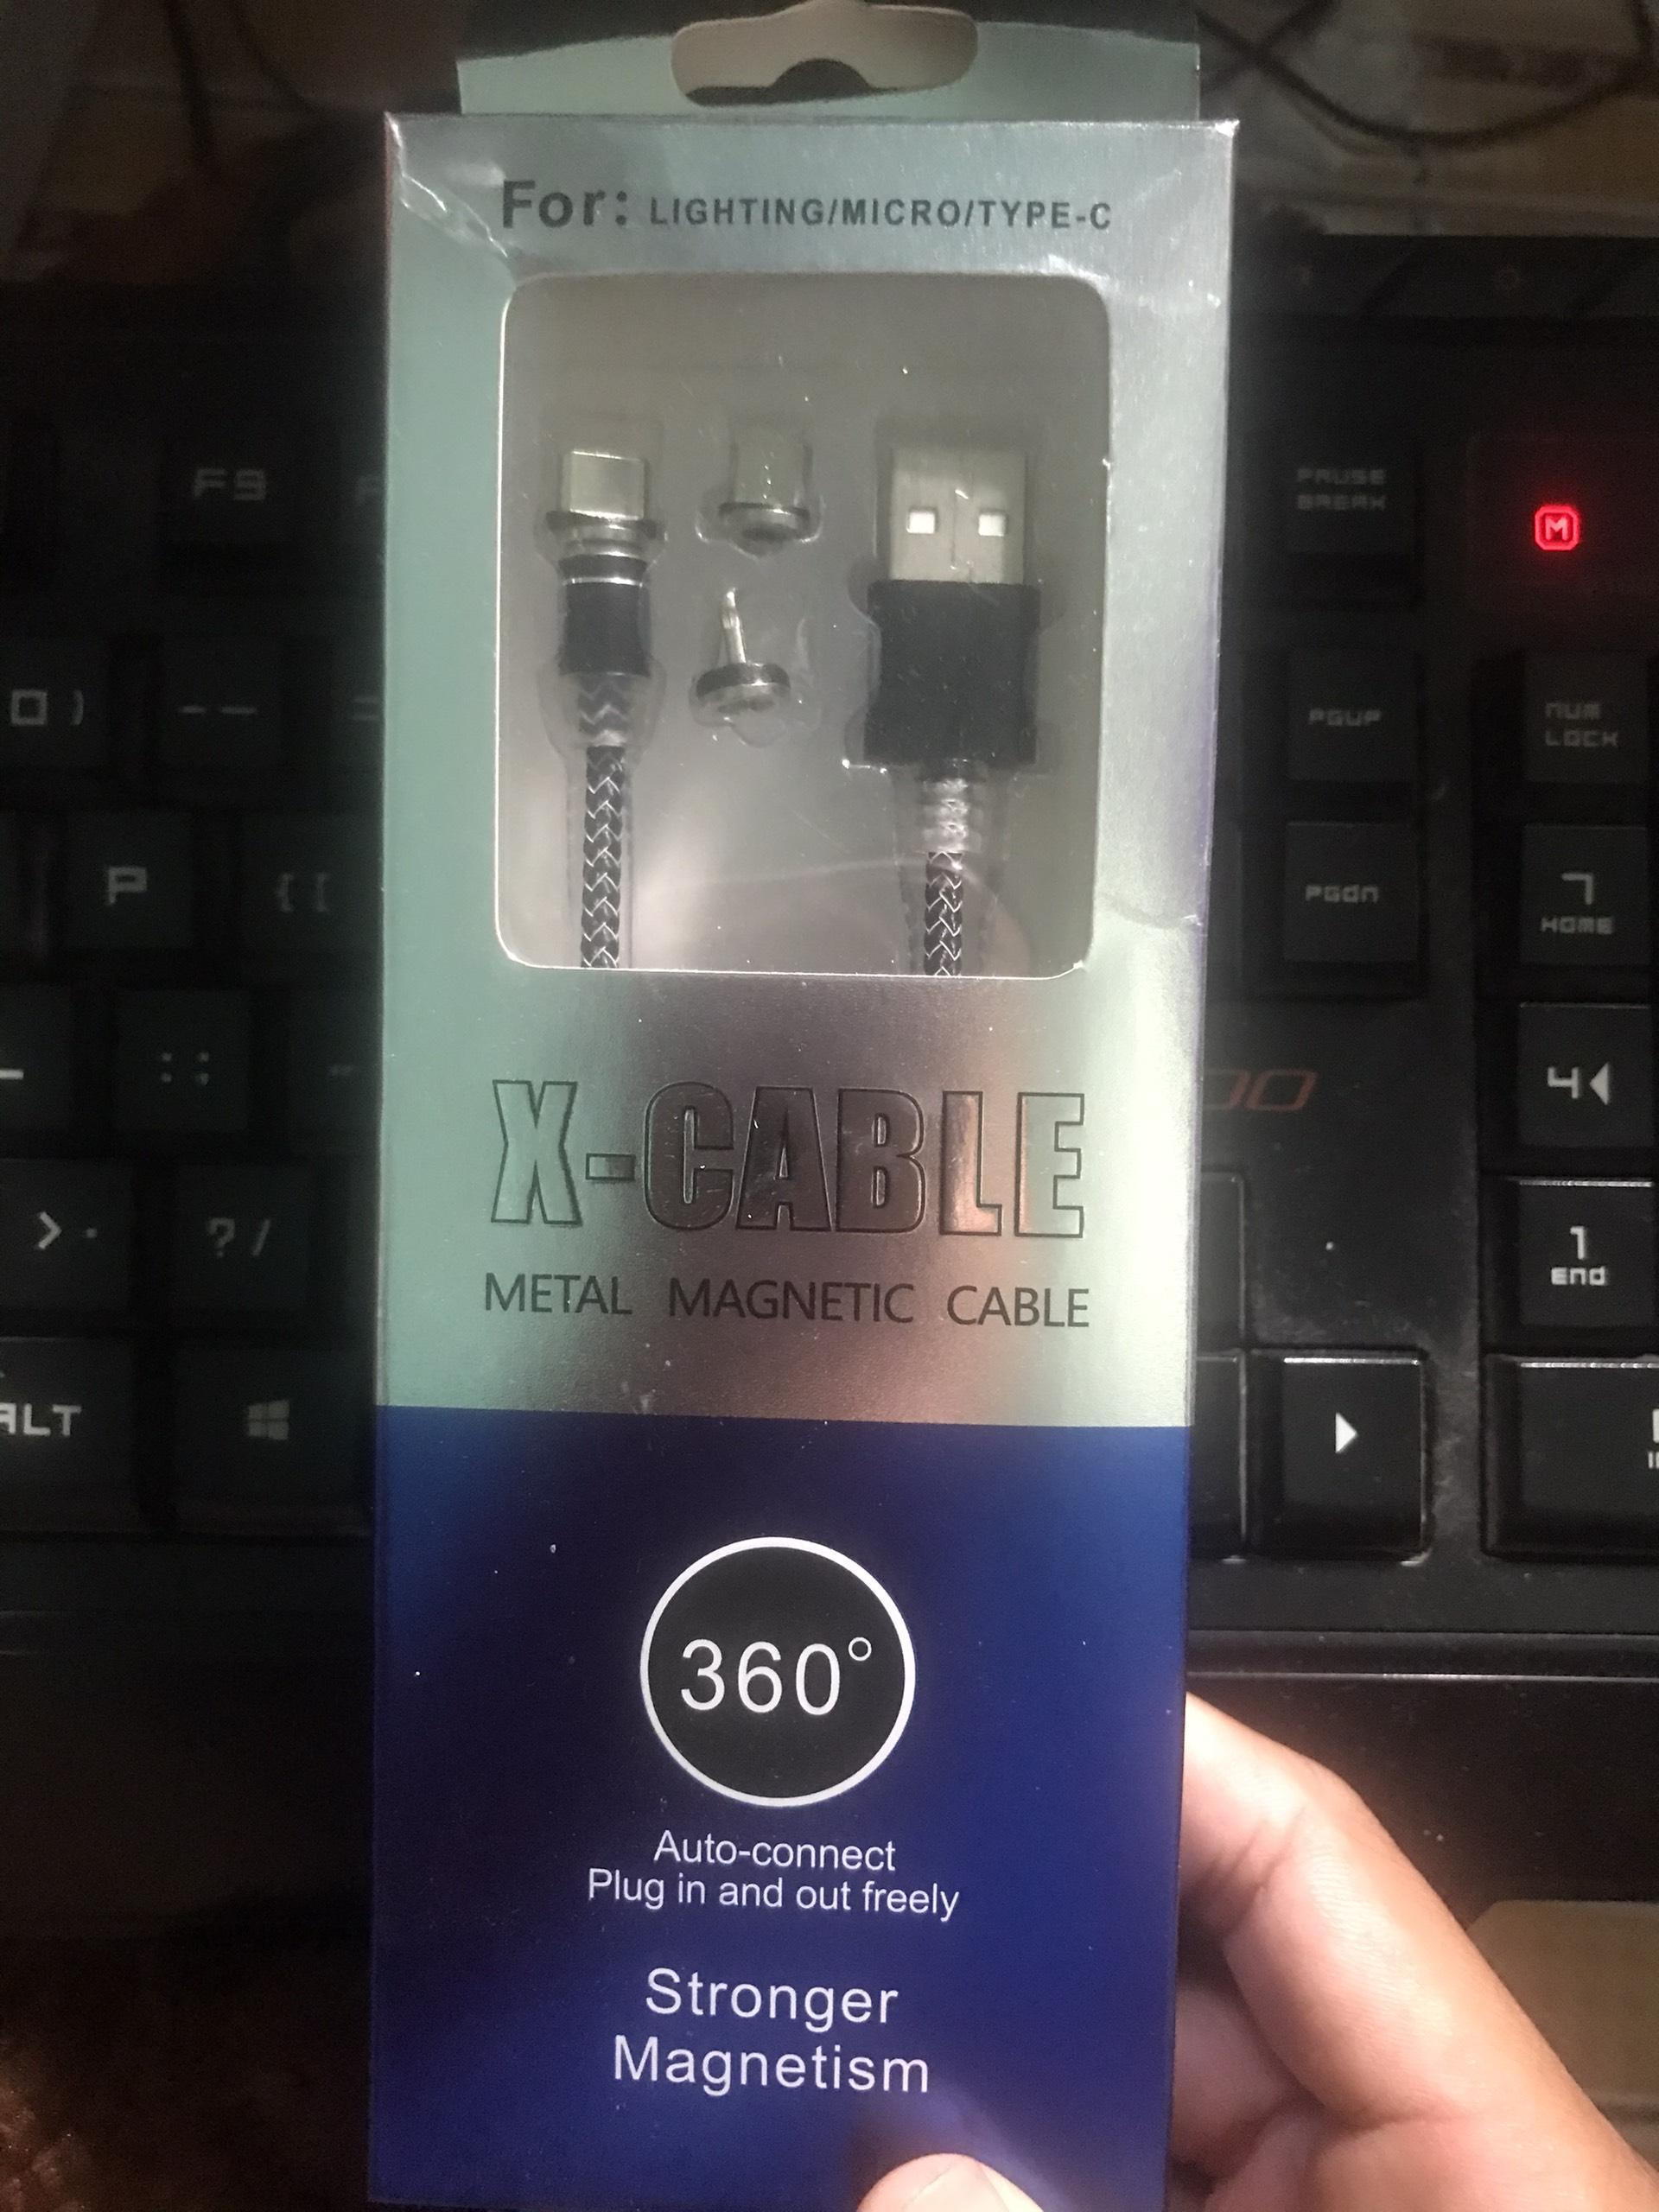 Giá cáp từ 1m nam châm 3 đầu iphone/samsung/type c cao cấp,có đèn led, chống xoắn, tiện lợi